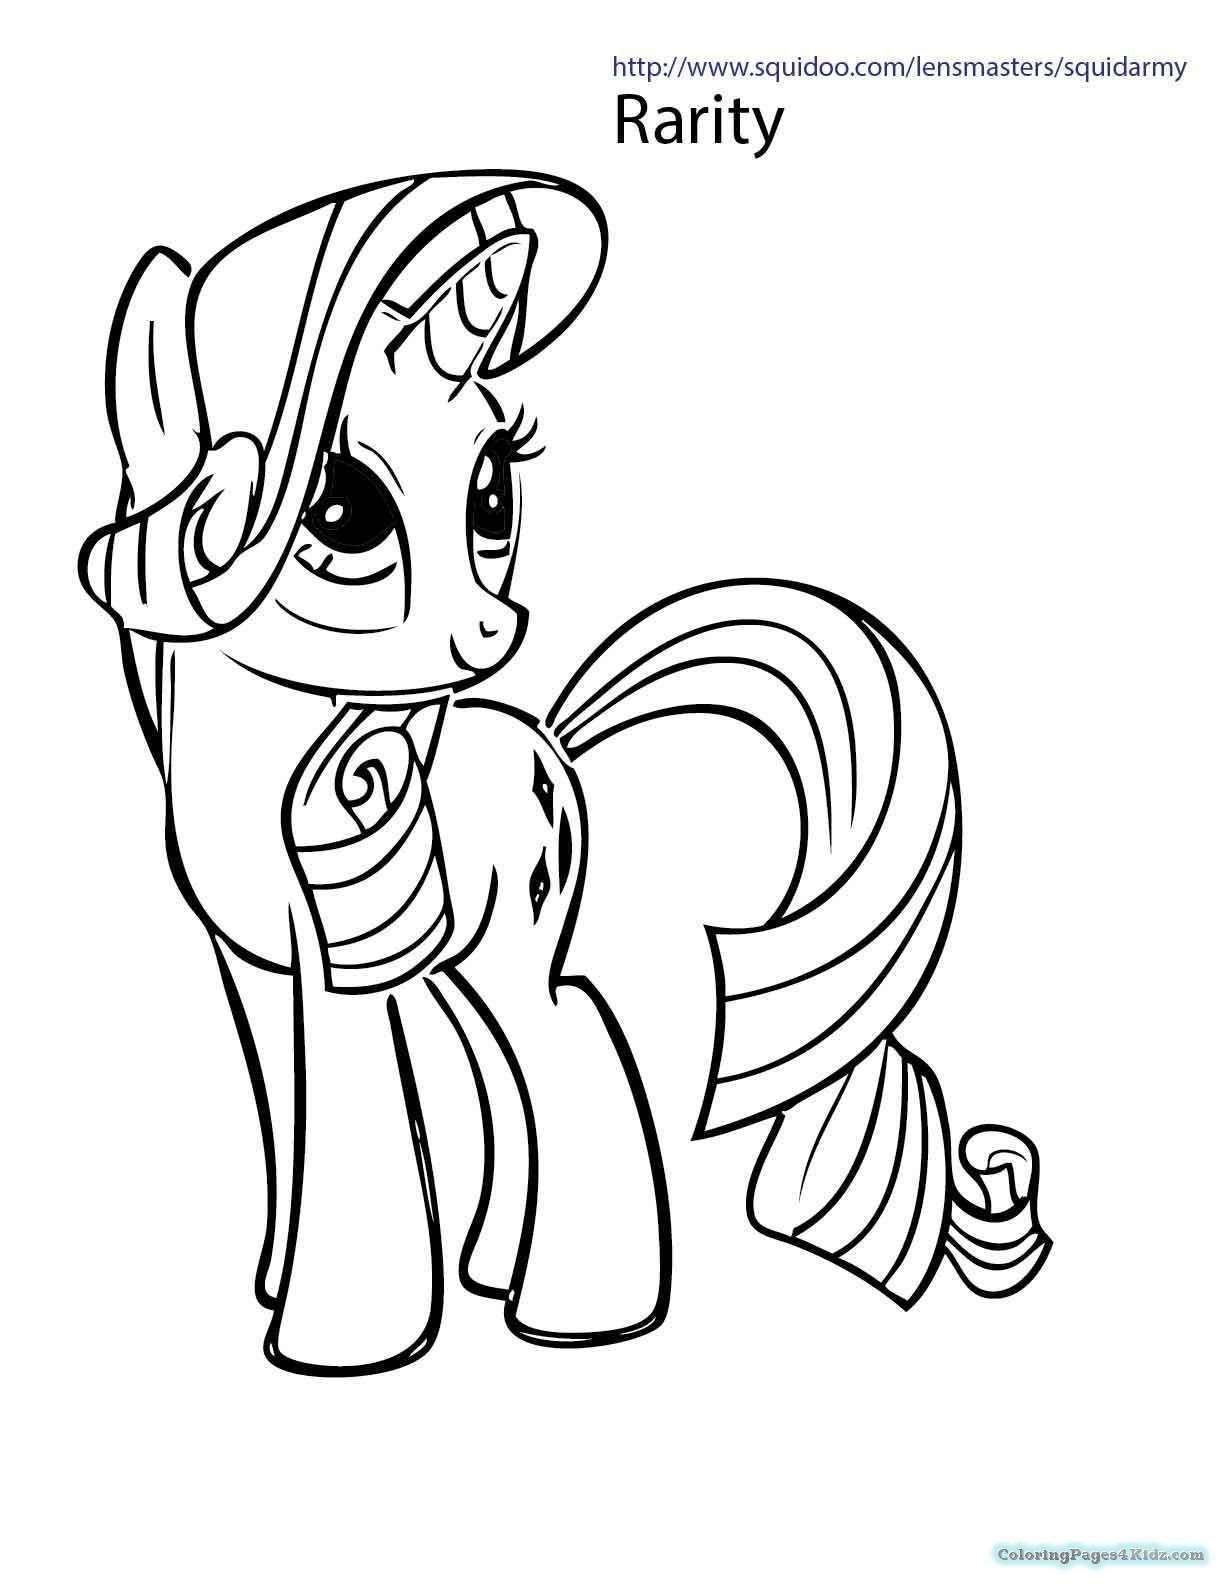 Rainbow Dash Ausmalbilder Das Beste Von My Little Pony Ausmalbilder Inspirierend Equestria Girl Ausmalbilder Fotografieren